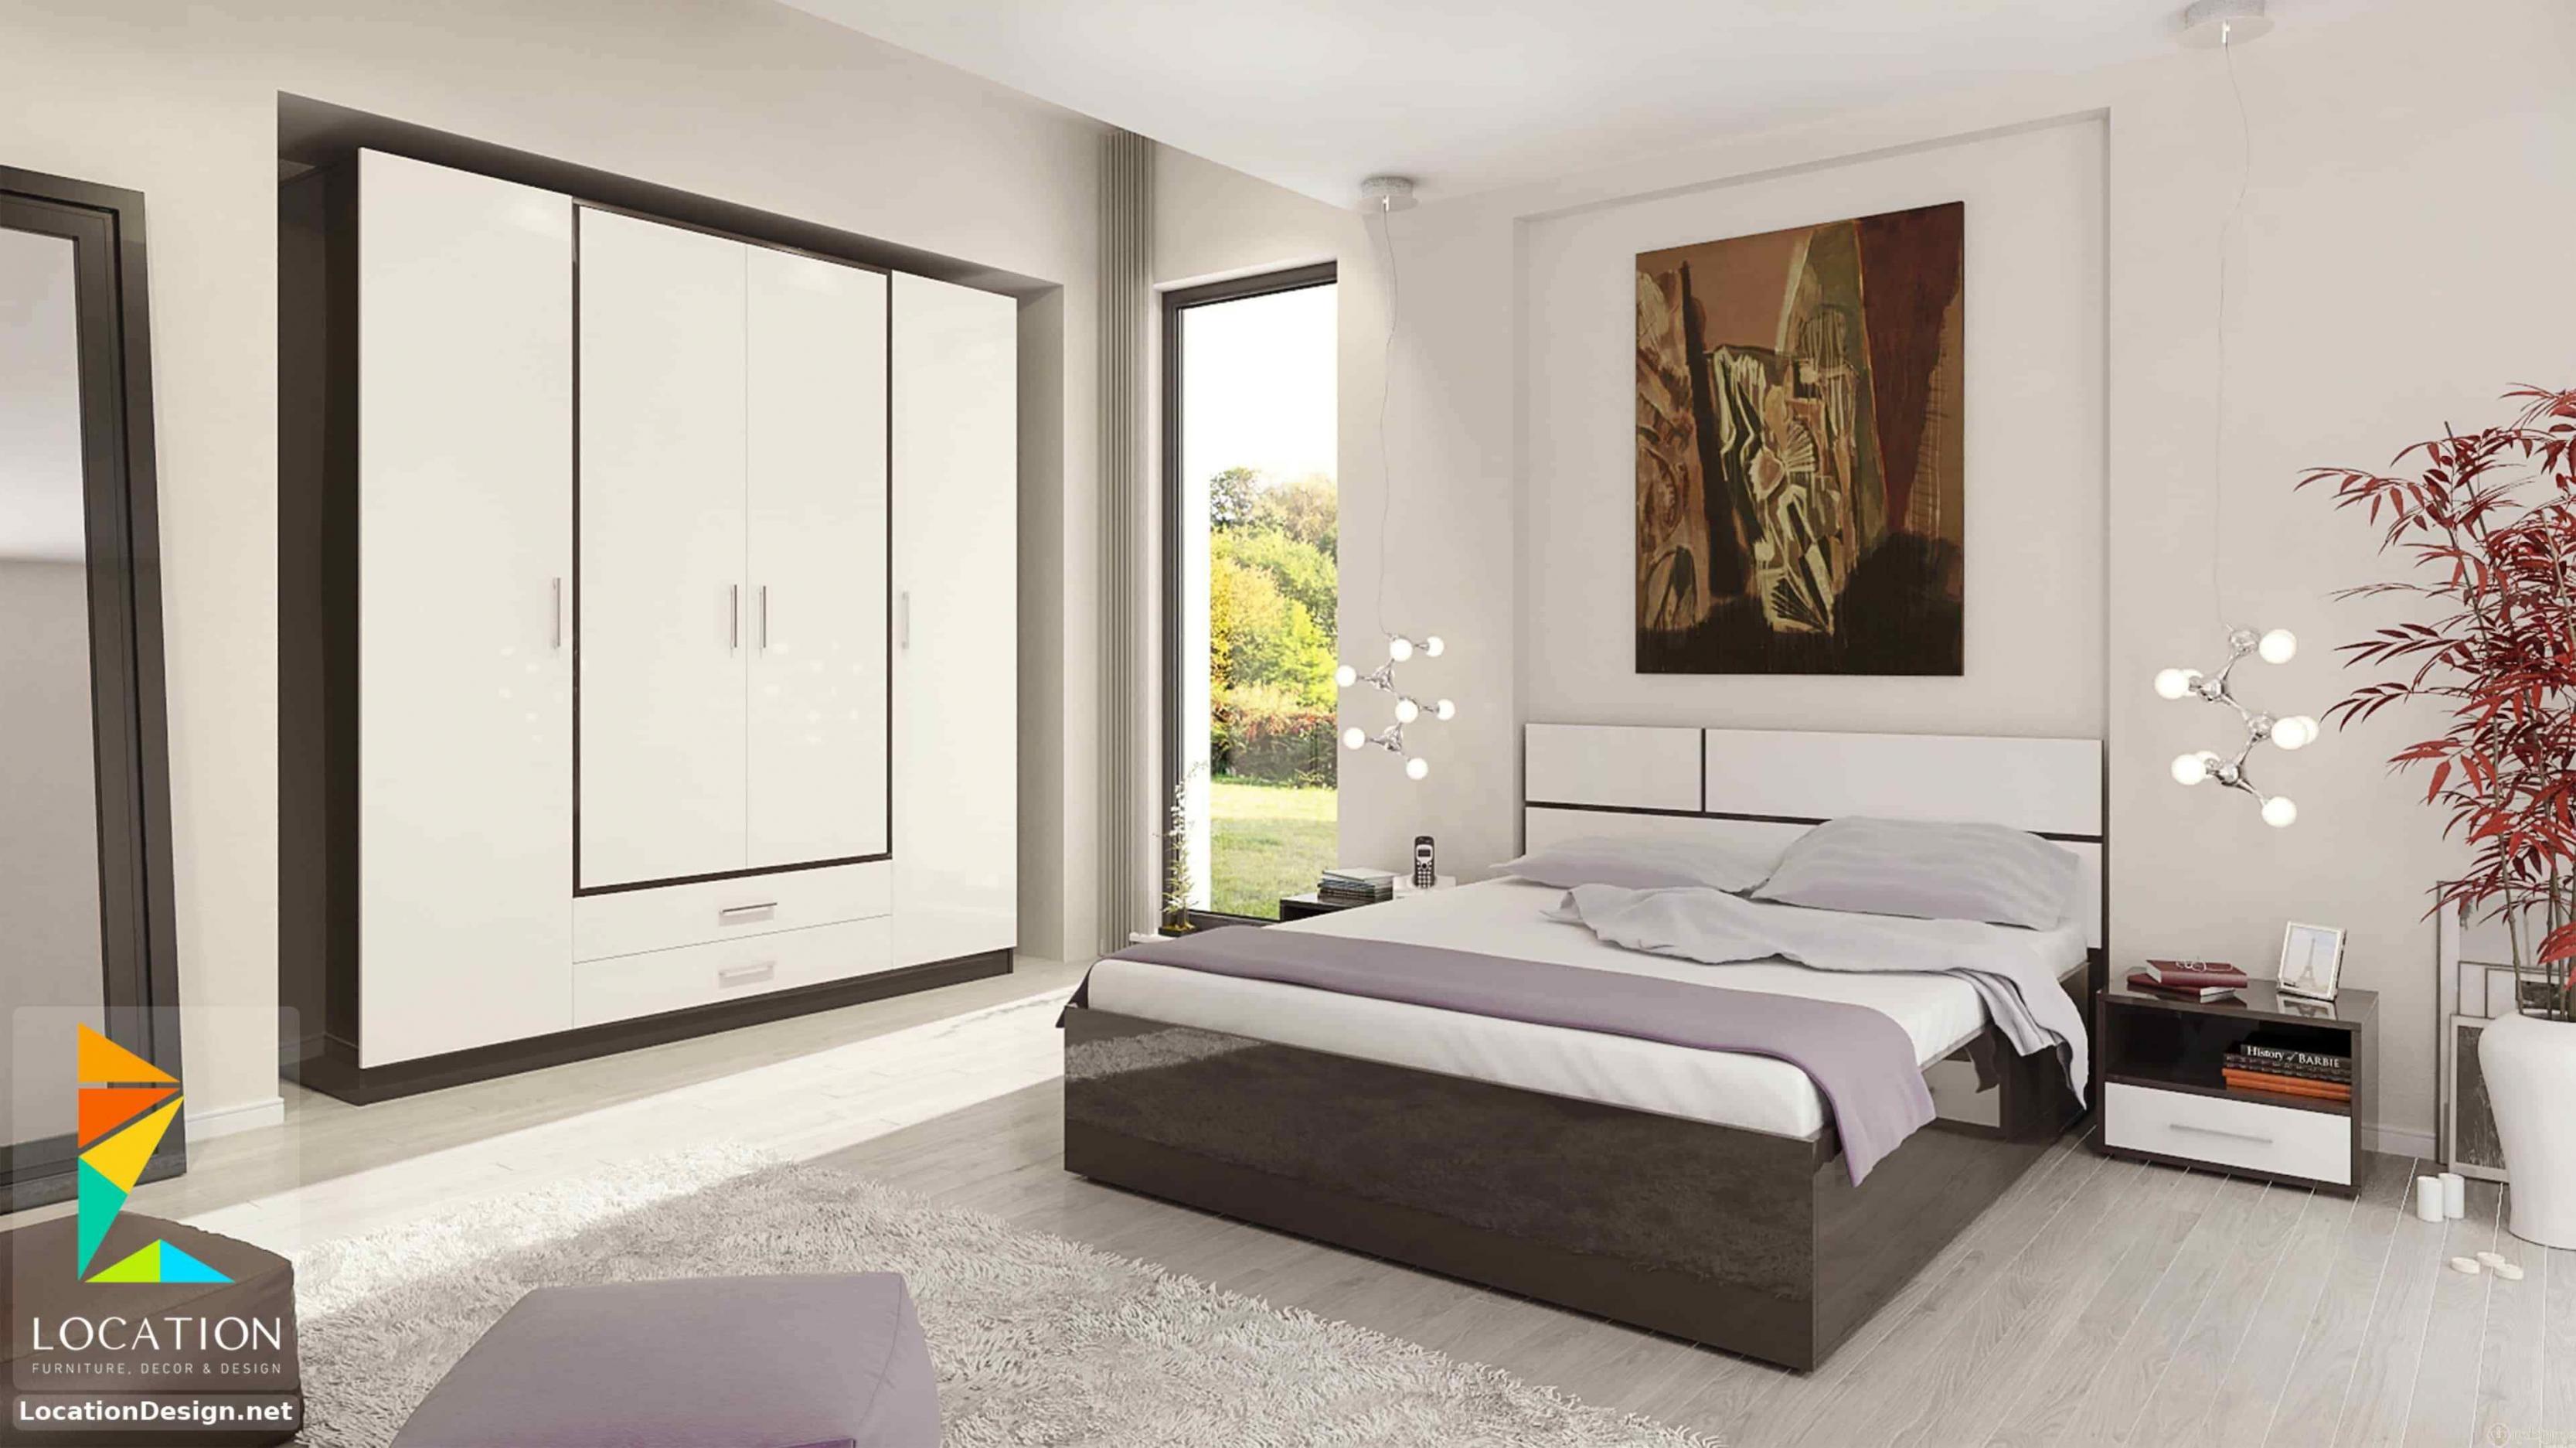 صورة افخم غرف نوم للعرسان ،غرف نوم مودرن كاملة 2019 6431 1